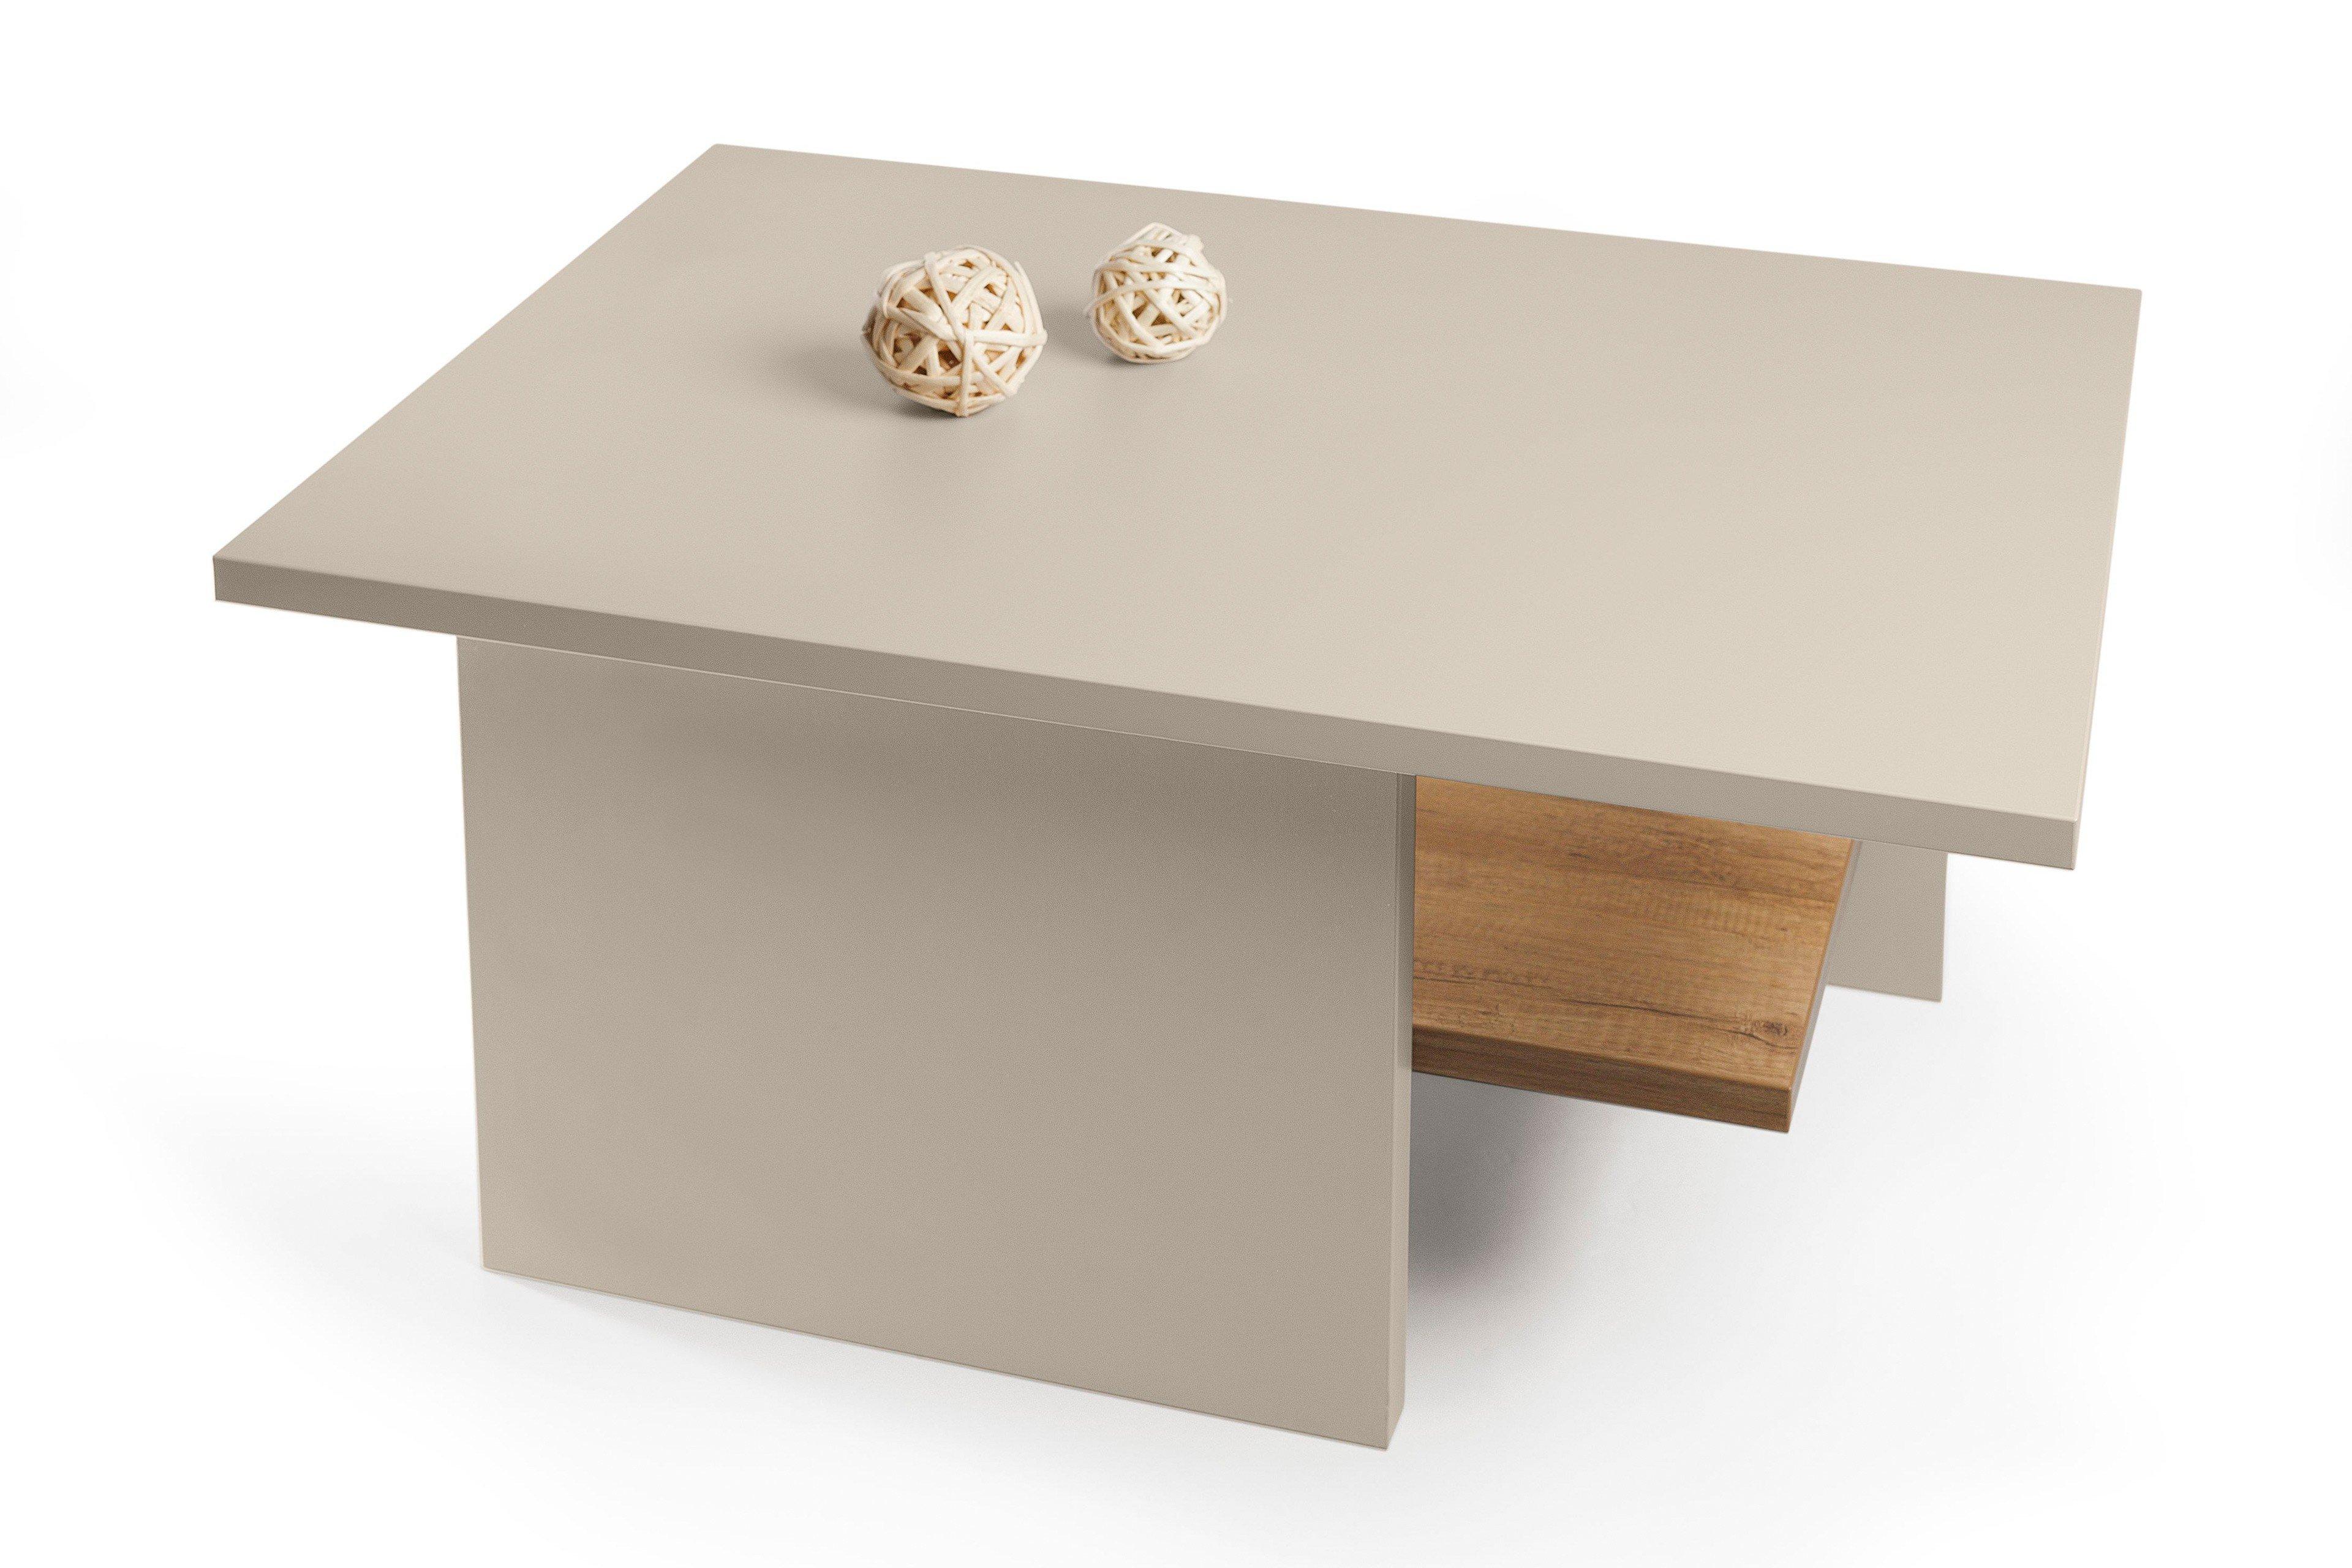 couchtisch 3008 creme wei von prenneis m bel letz ihr online shop. Black Bedroom Furniture Sets. Home Design Ideas